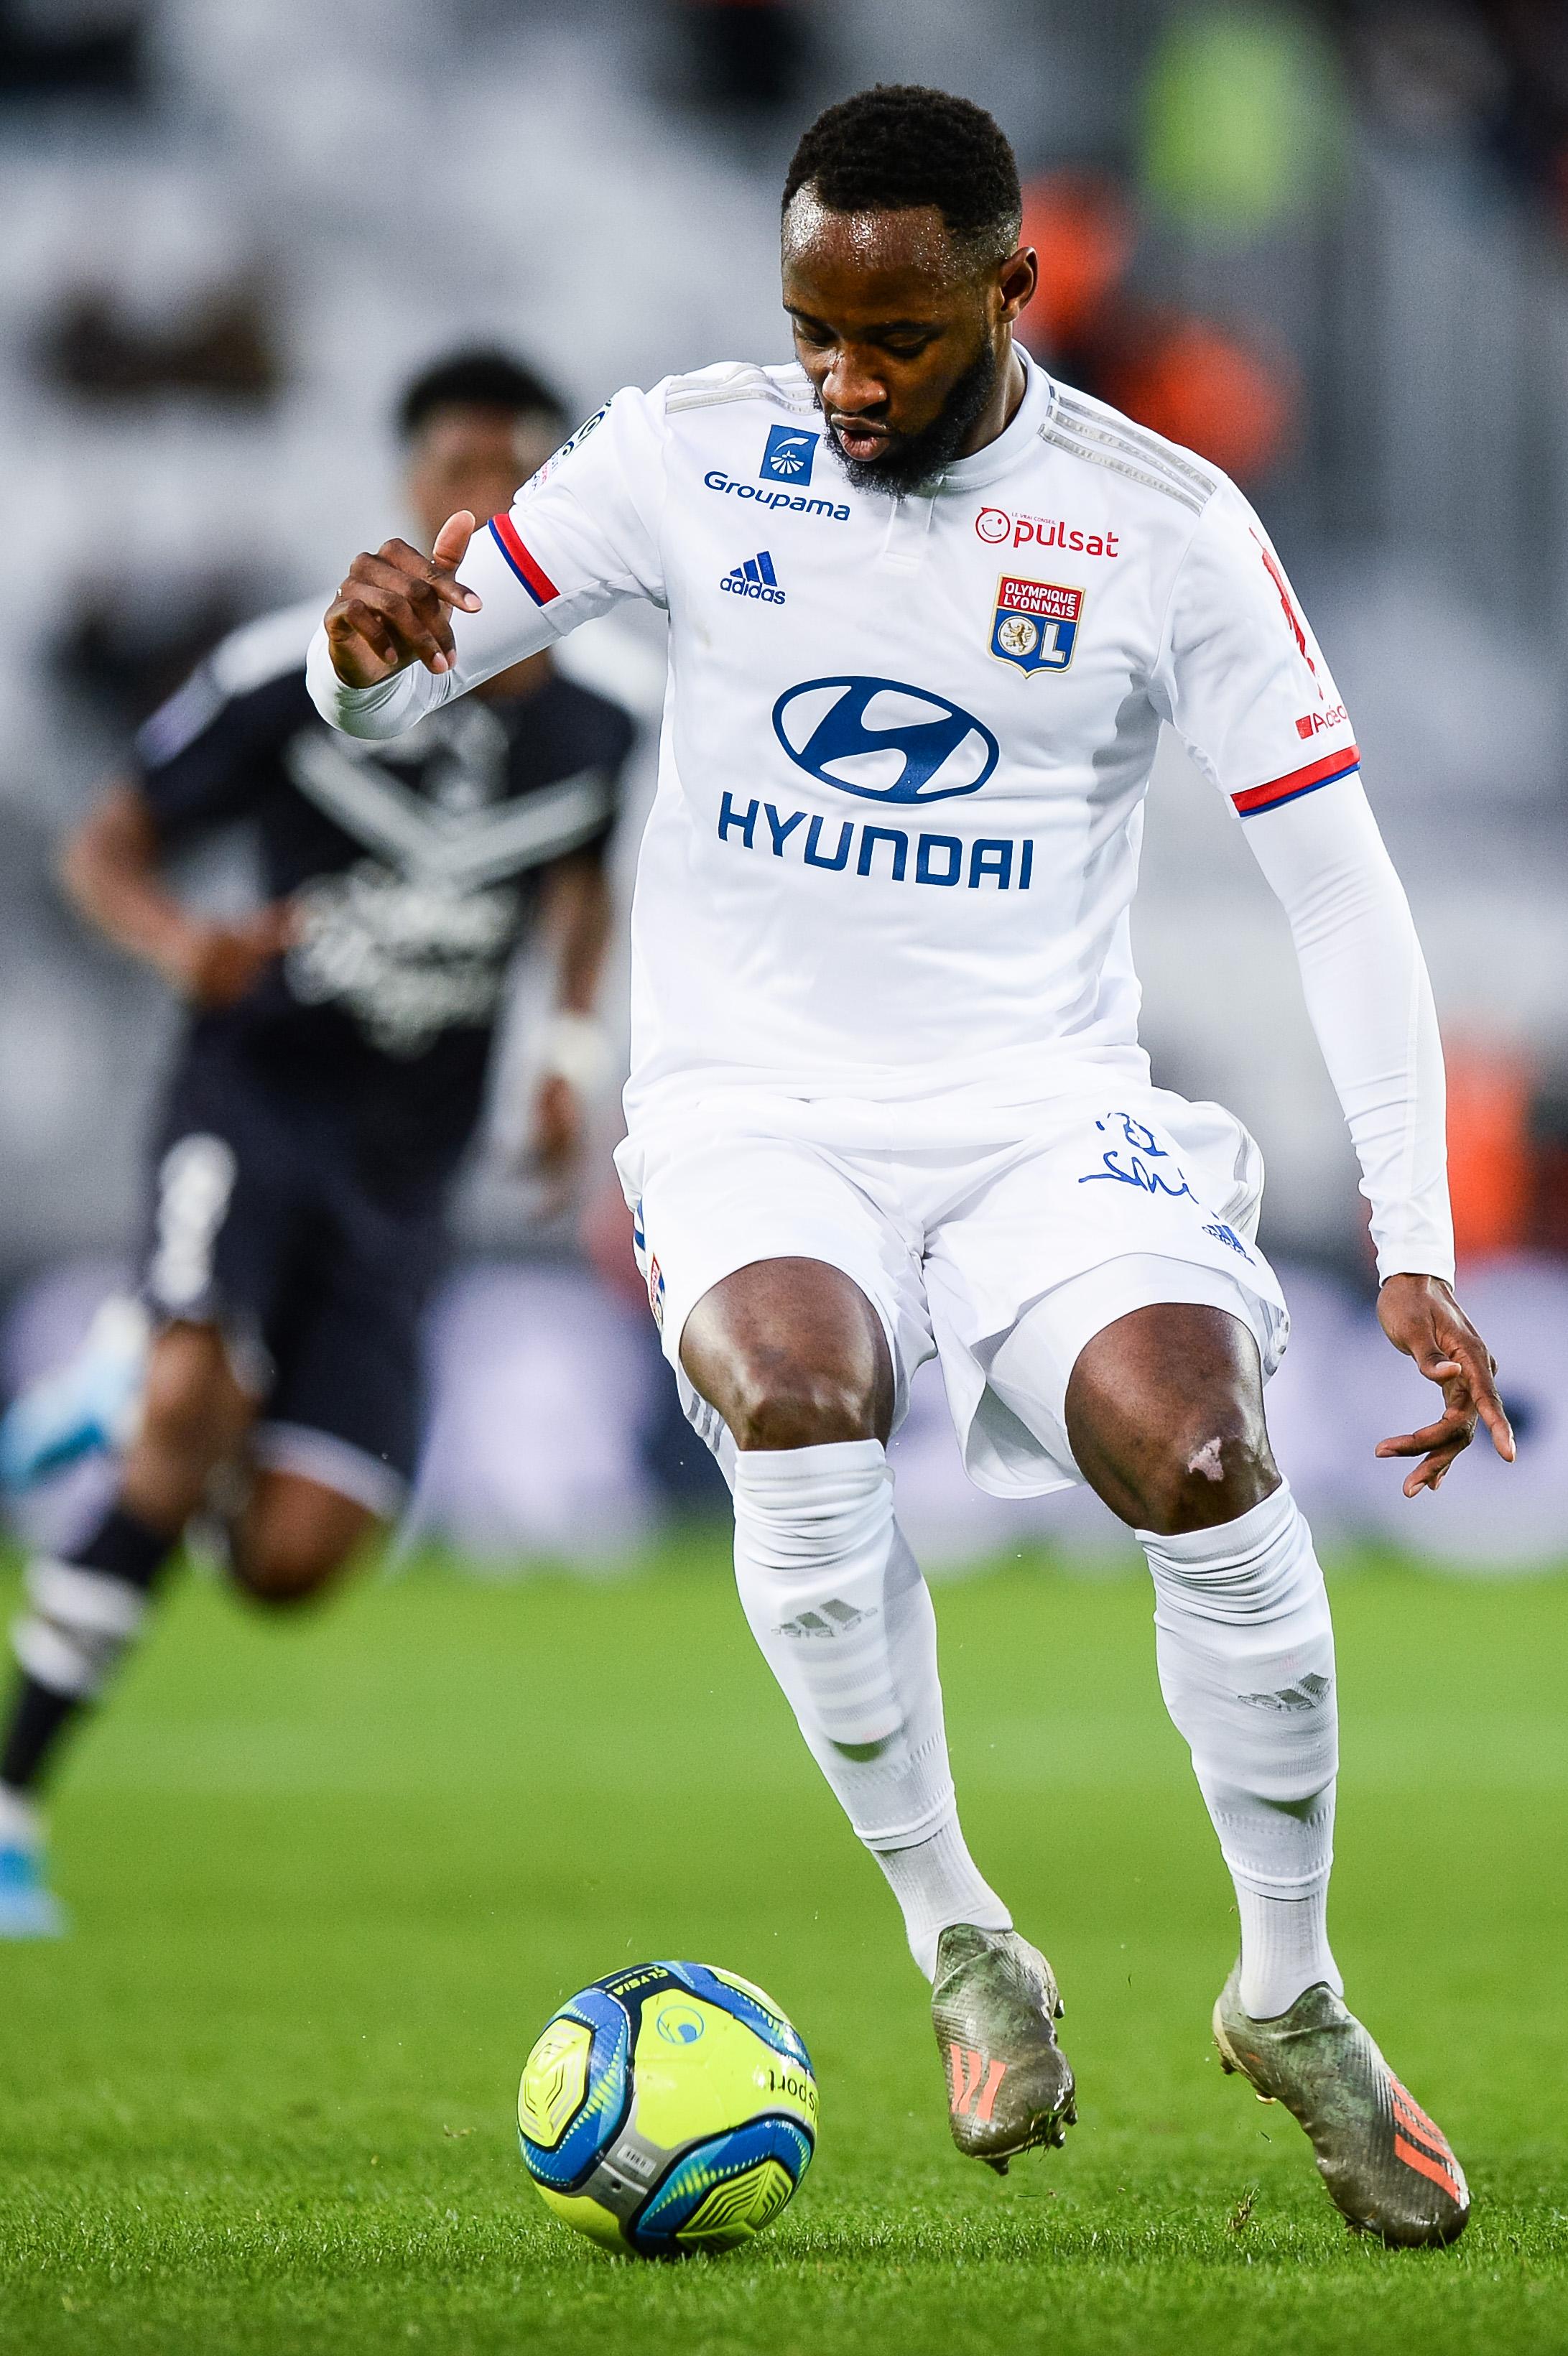 Girondins Bordeaux v Olympique Lyon - Ligue 1